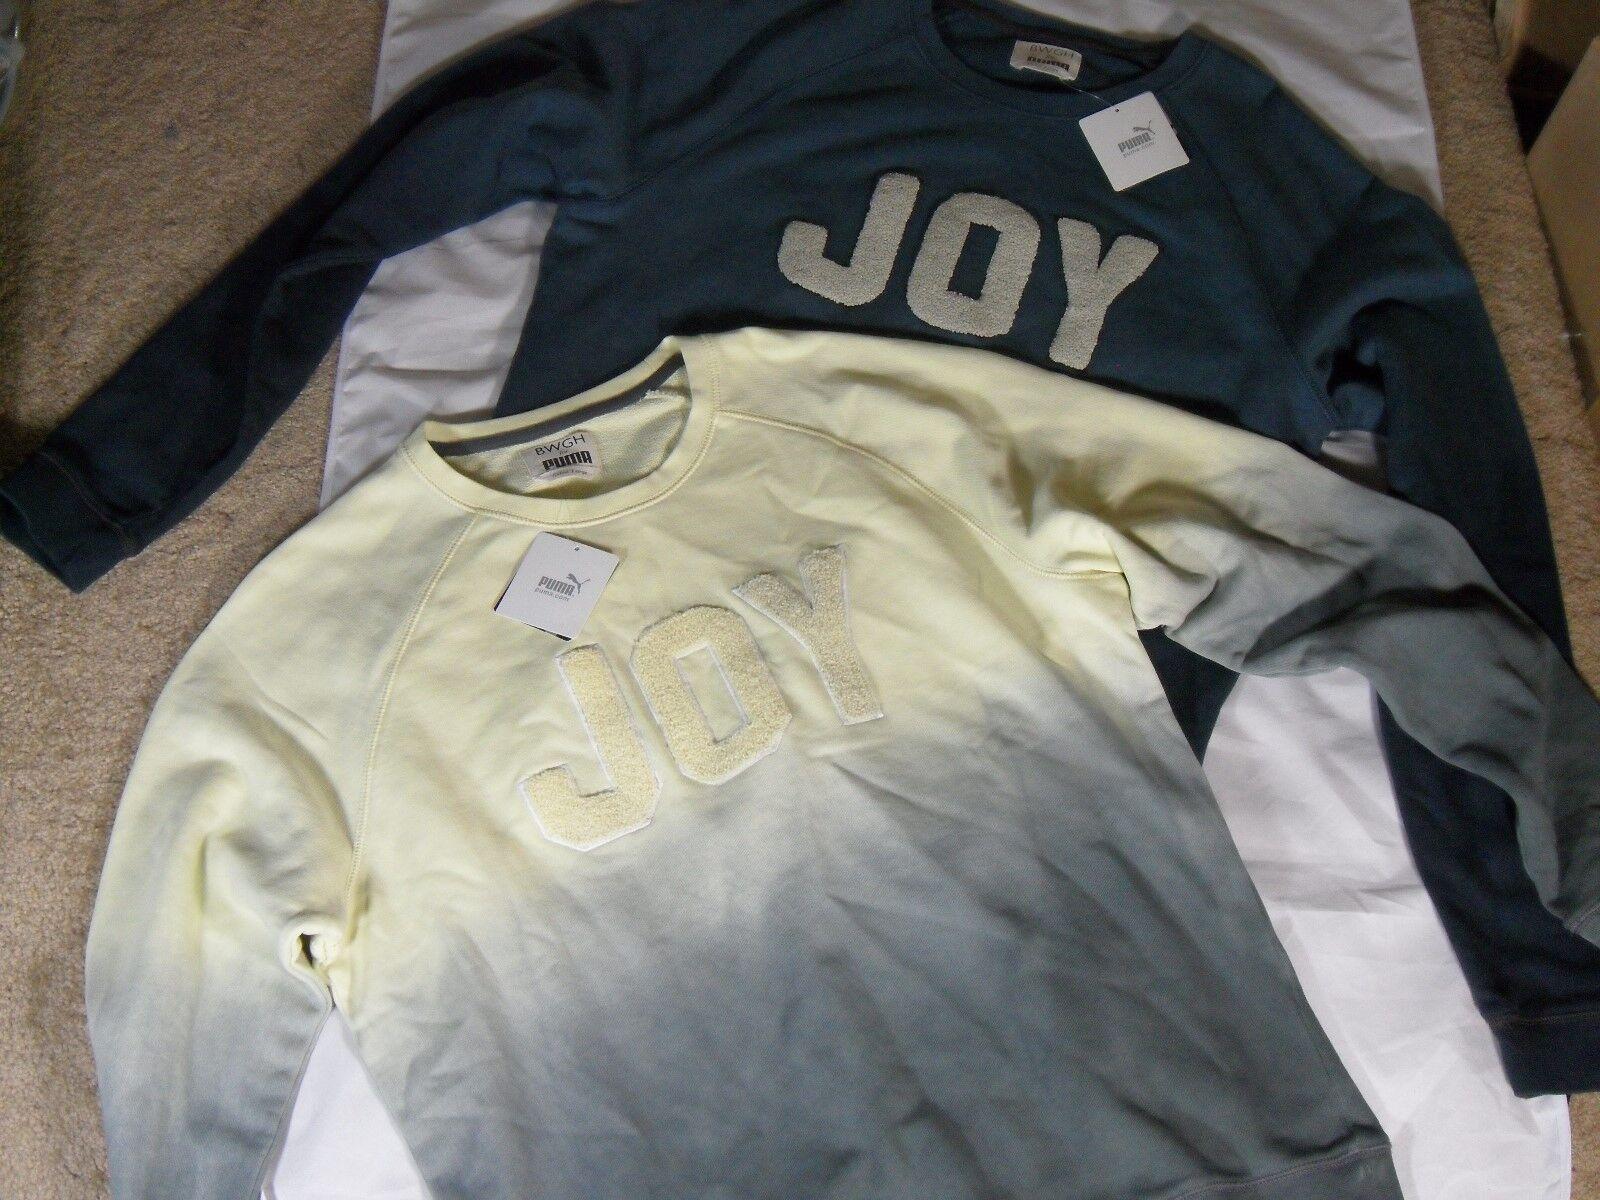 New Puma BWGH Brooklyn We Go Hard Limited Edition Cotton Joy Sweatshirt Top